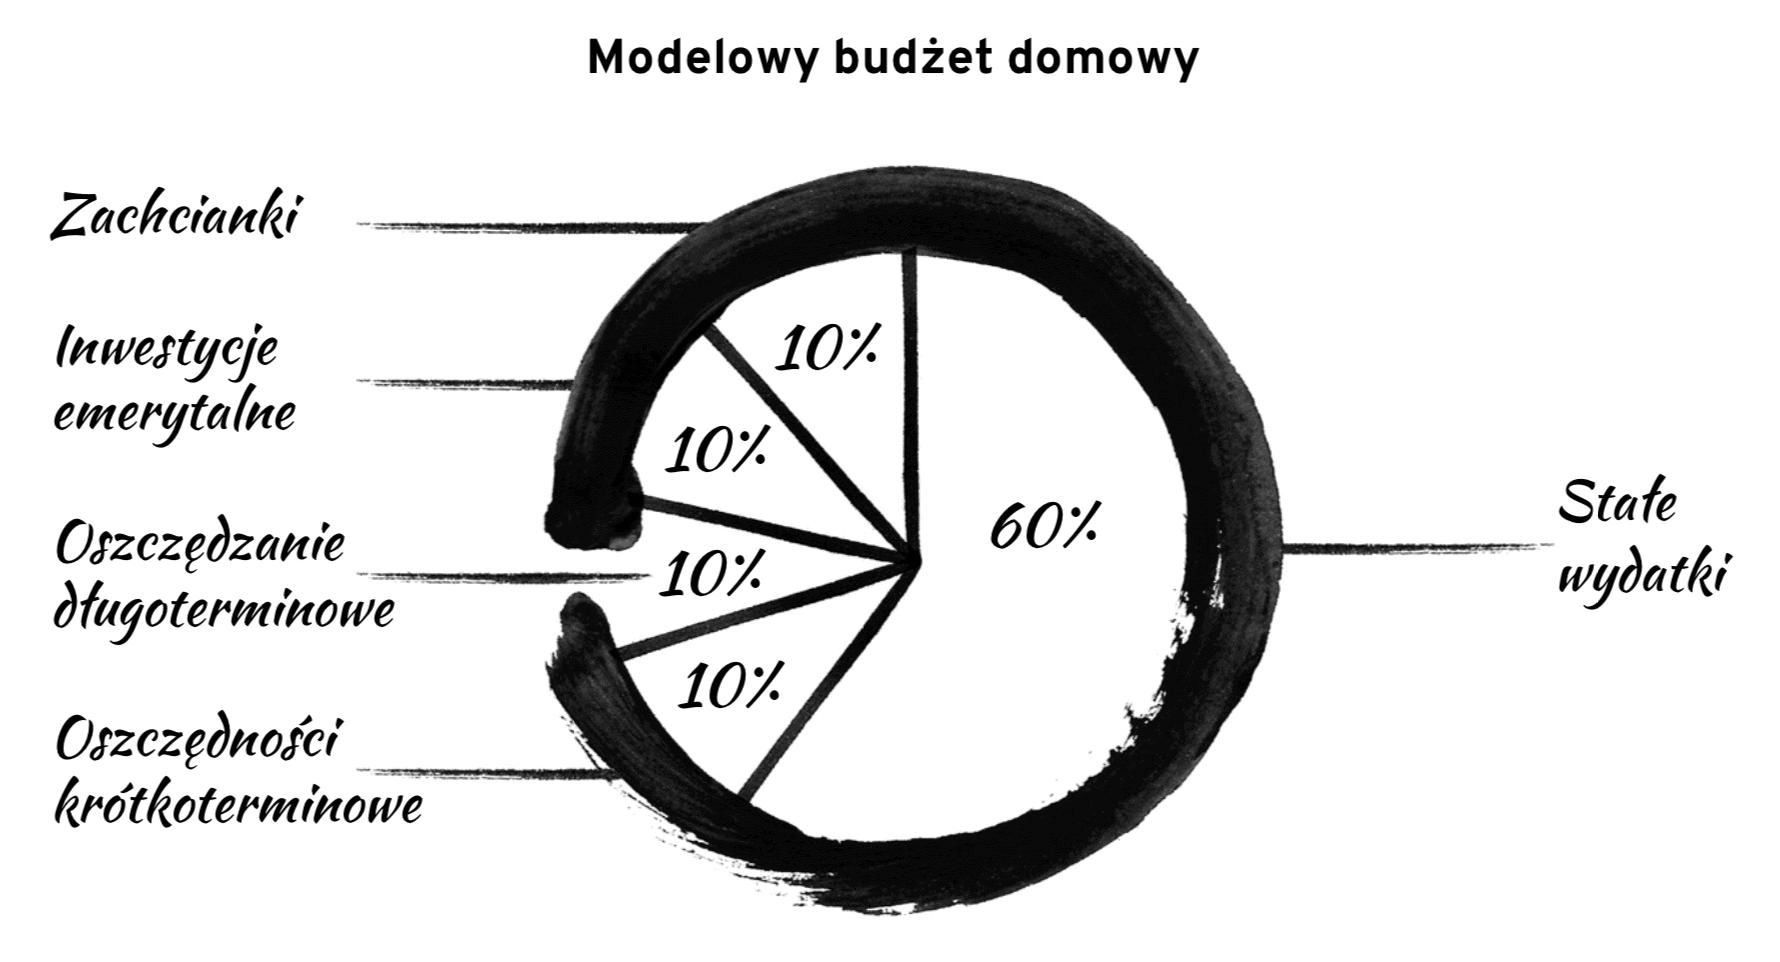 Modelowy budżet domowy